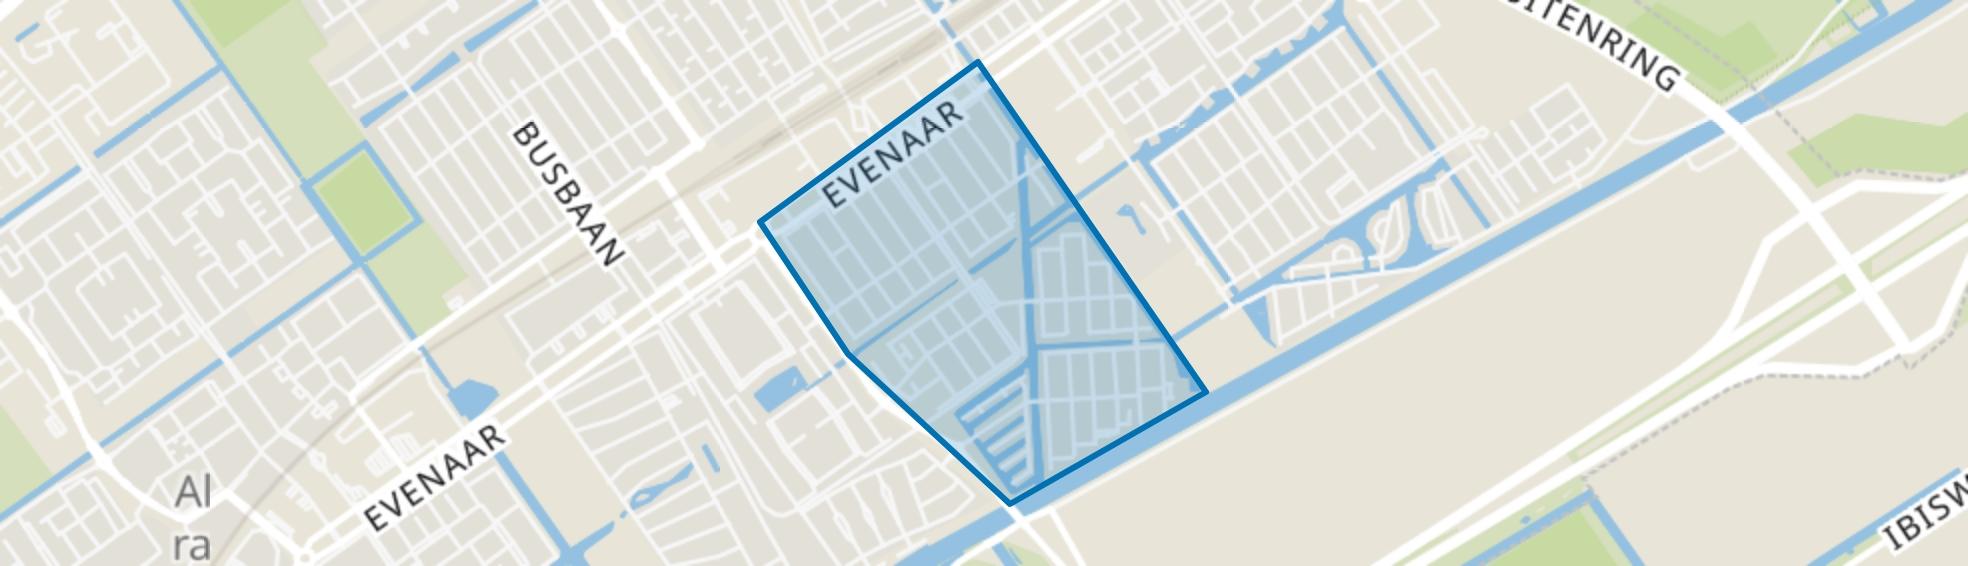 Eilandenbuurt, Almere map